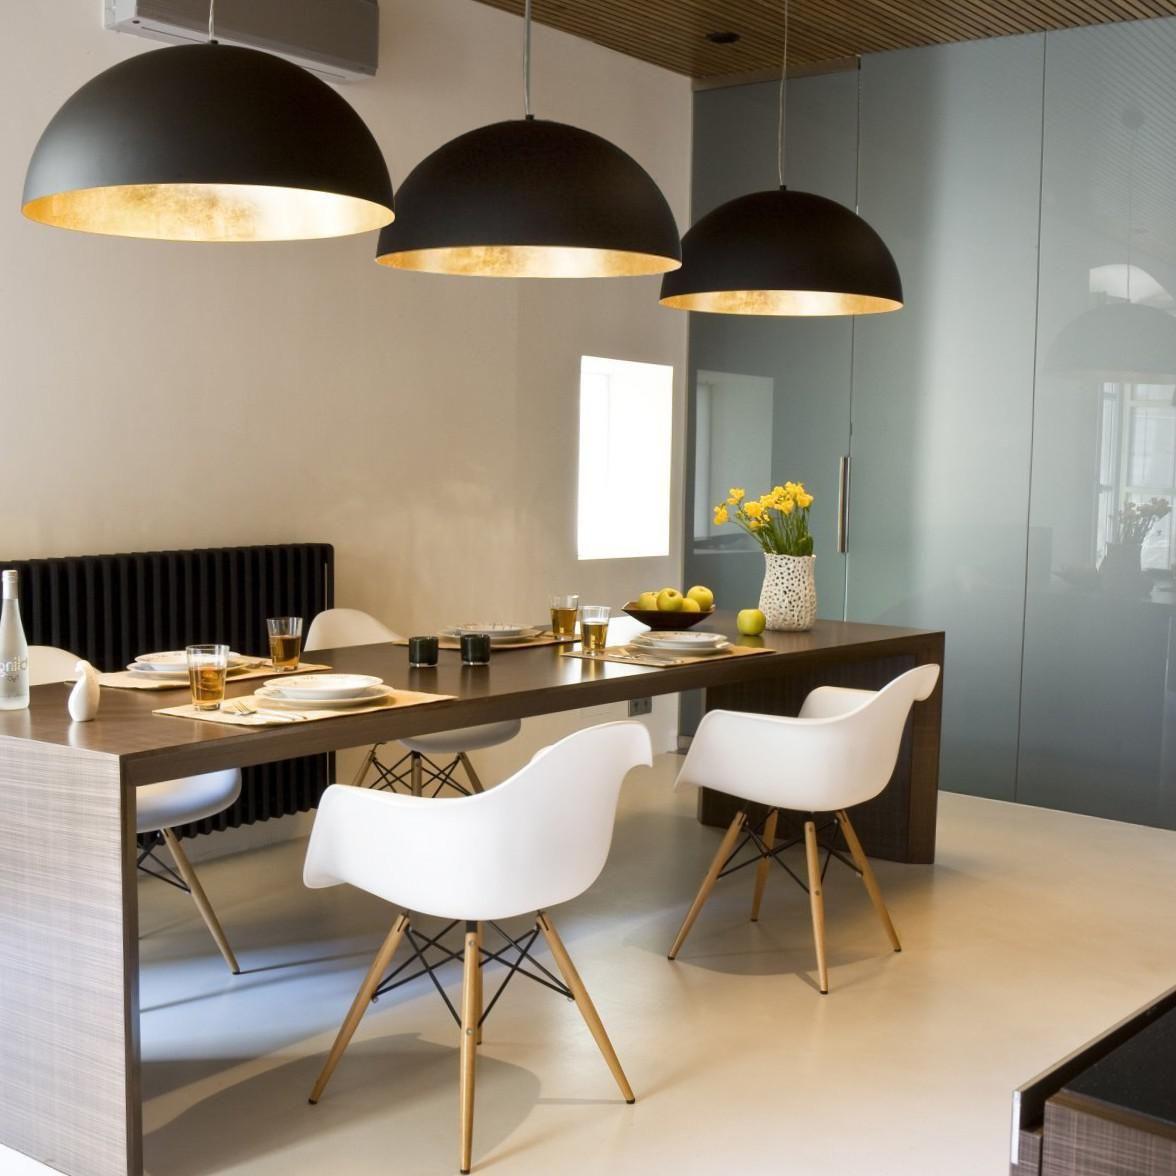 Haengelampe Wohnzimmer Design